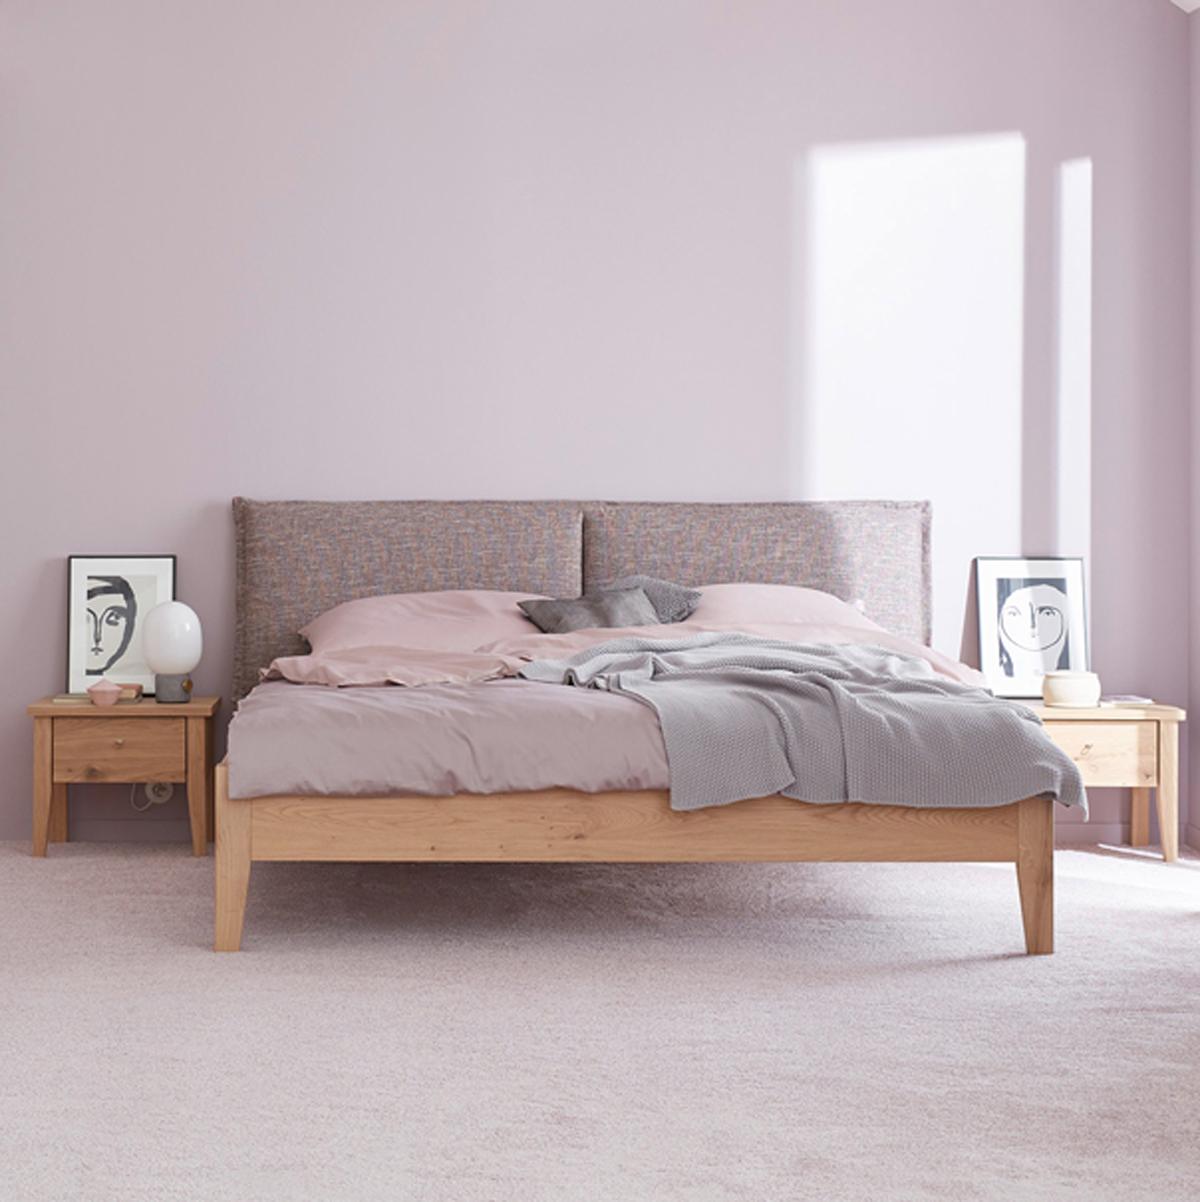 Full Size of Schöne Betten Bett Janne Schner Wohnen Kollektion Schlafzimmer Für übergewichtige Ruf Test Coole Kaufen Kinder Günstig Weiß 180x200 Wohnwert Kopfteile Bett Schöne Betten